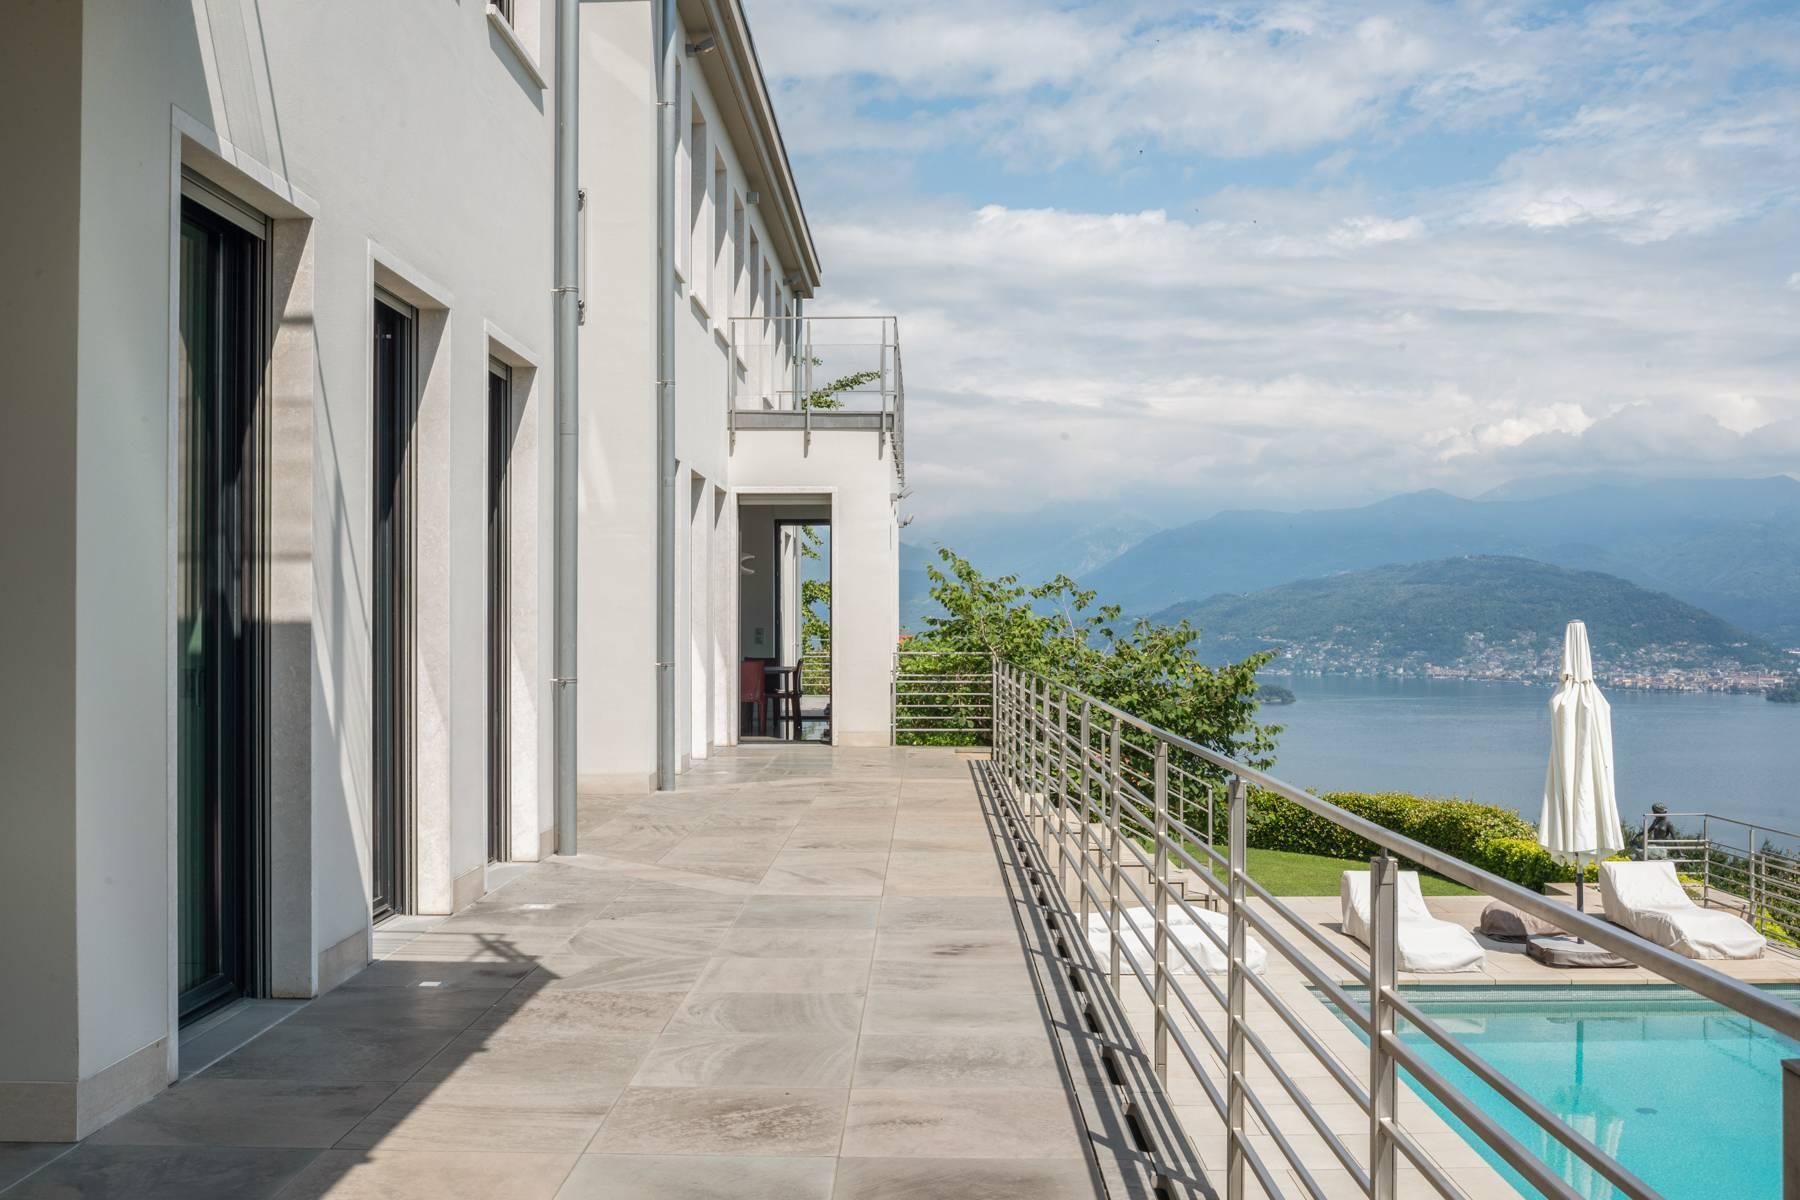 Fabulous Villa on the hills of Stresa - 31